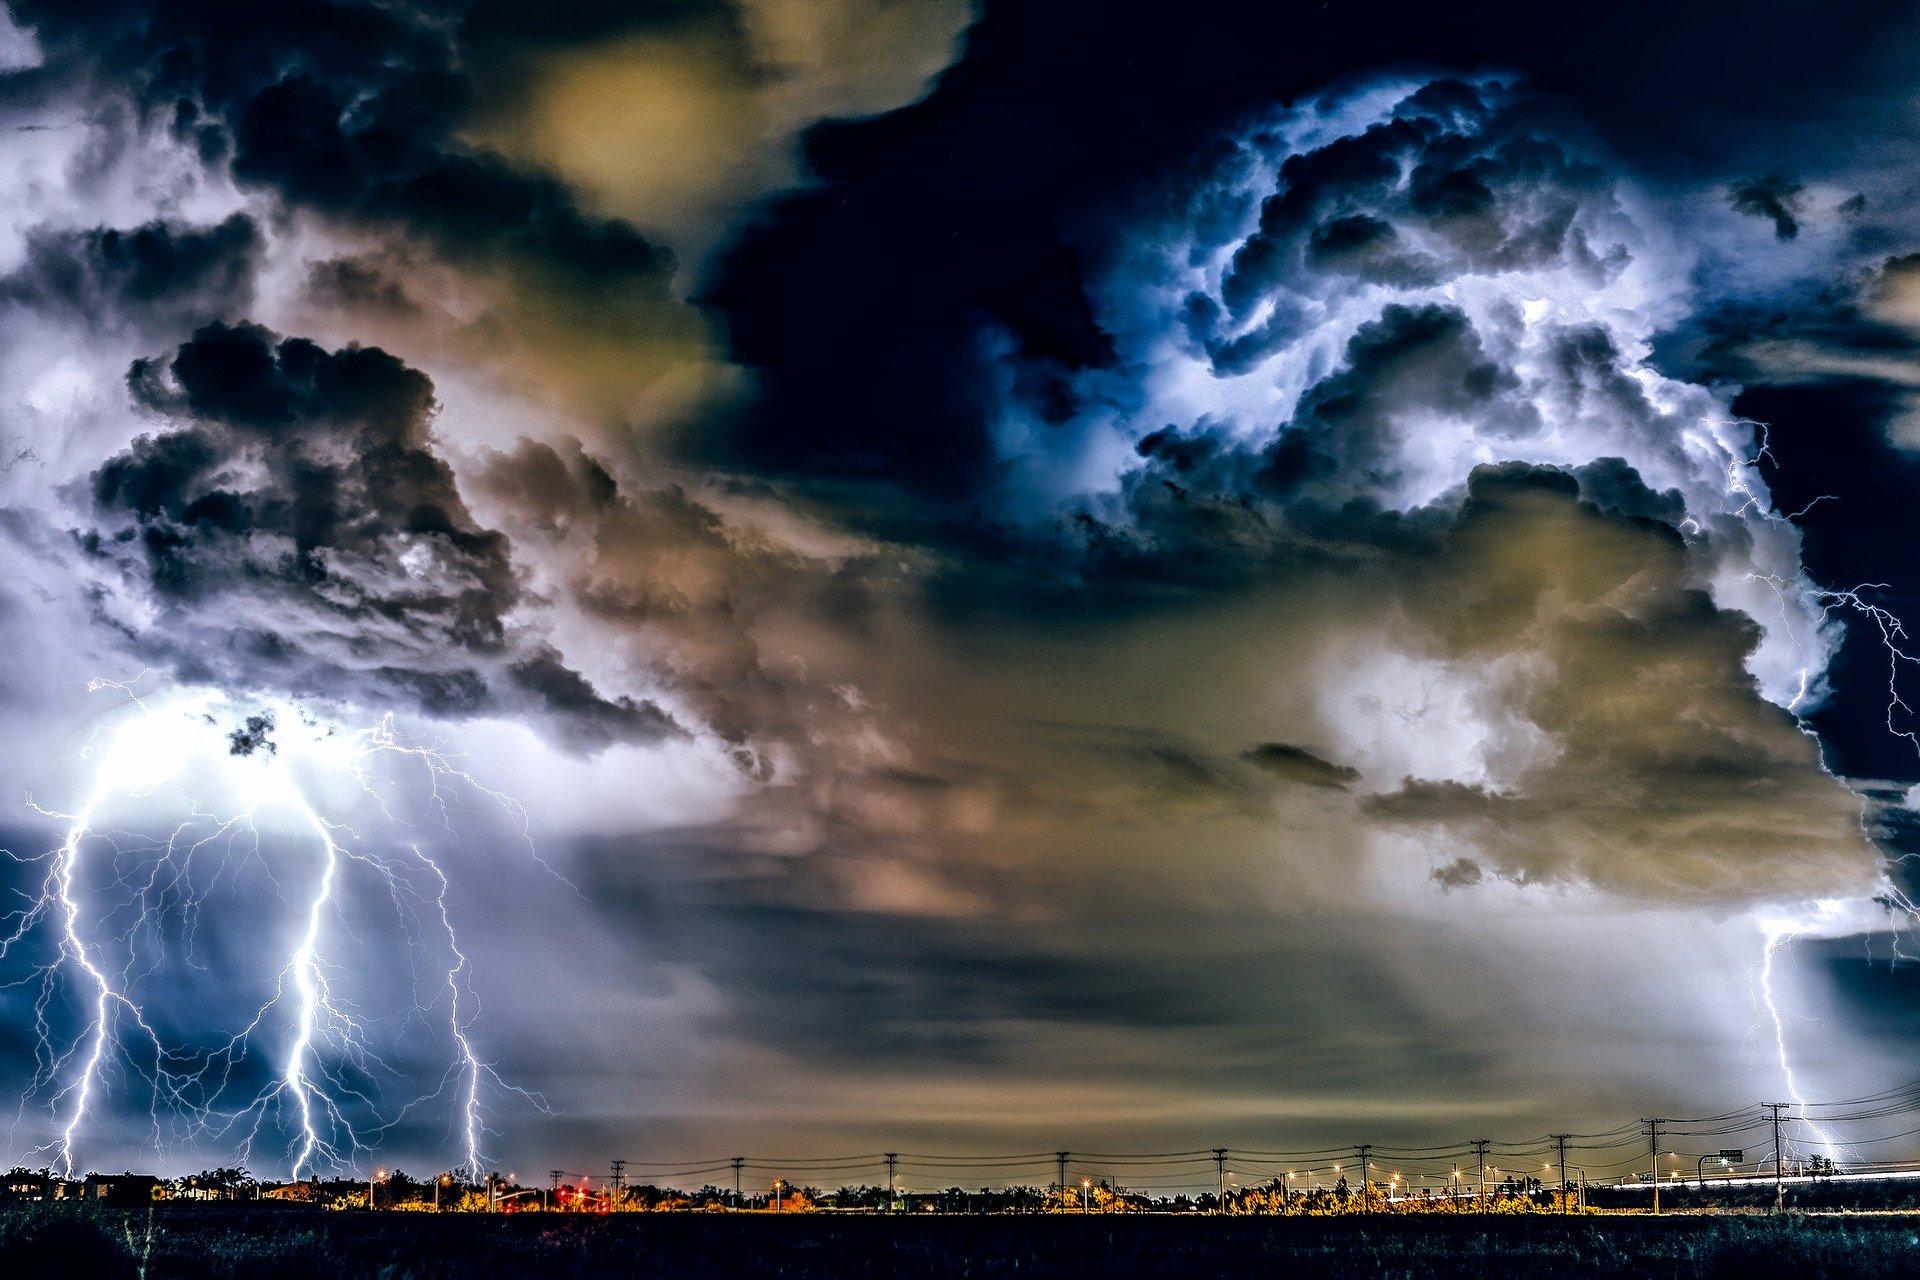 Macht euch auf den perfekten Sturm gefasst